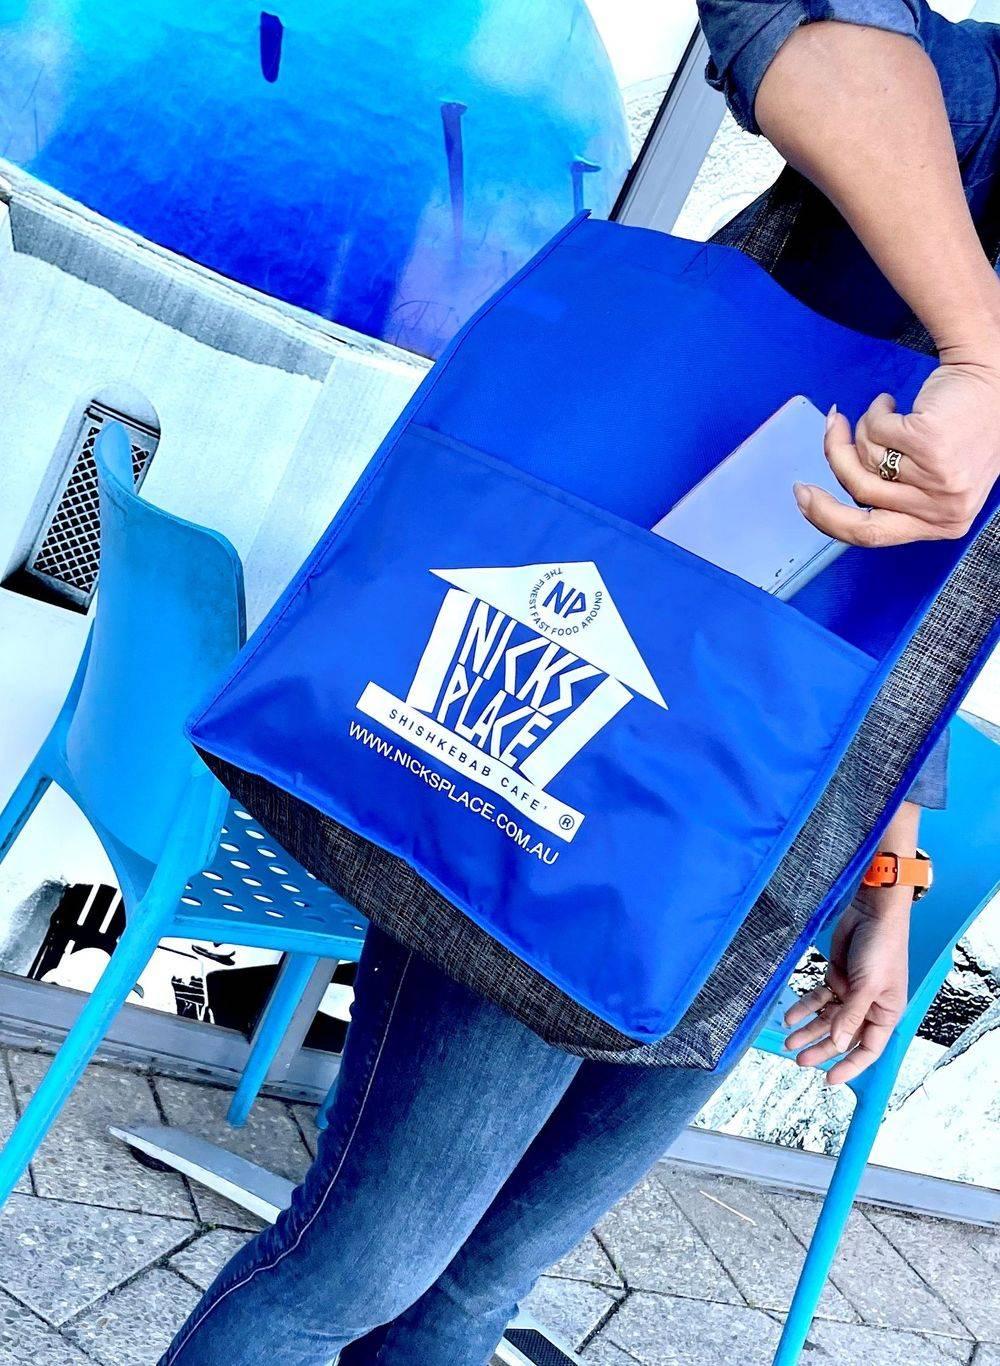 Nicks Place Free Tote Bag